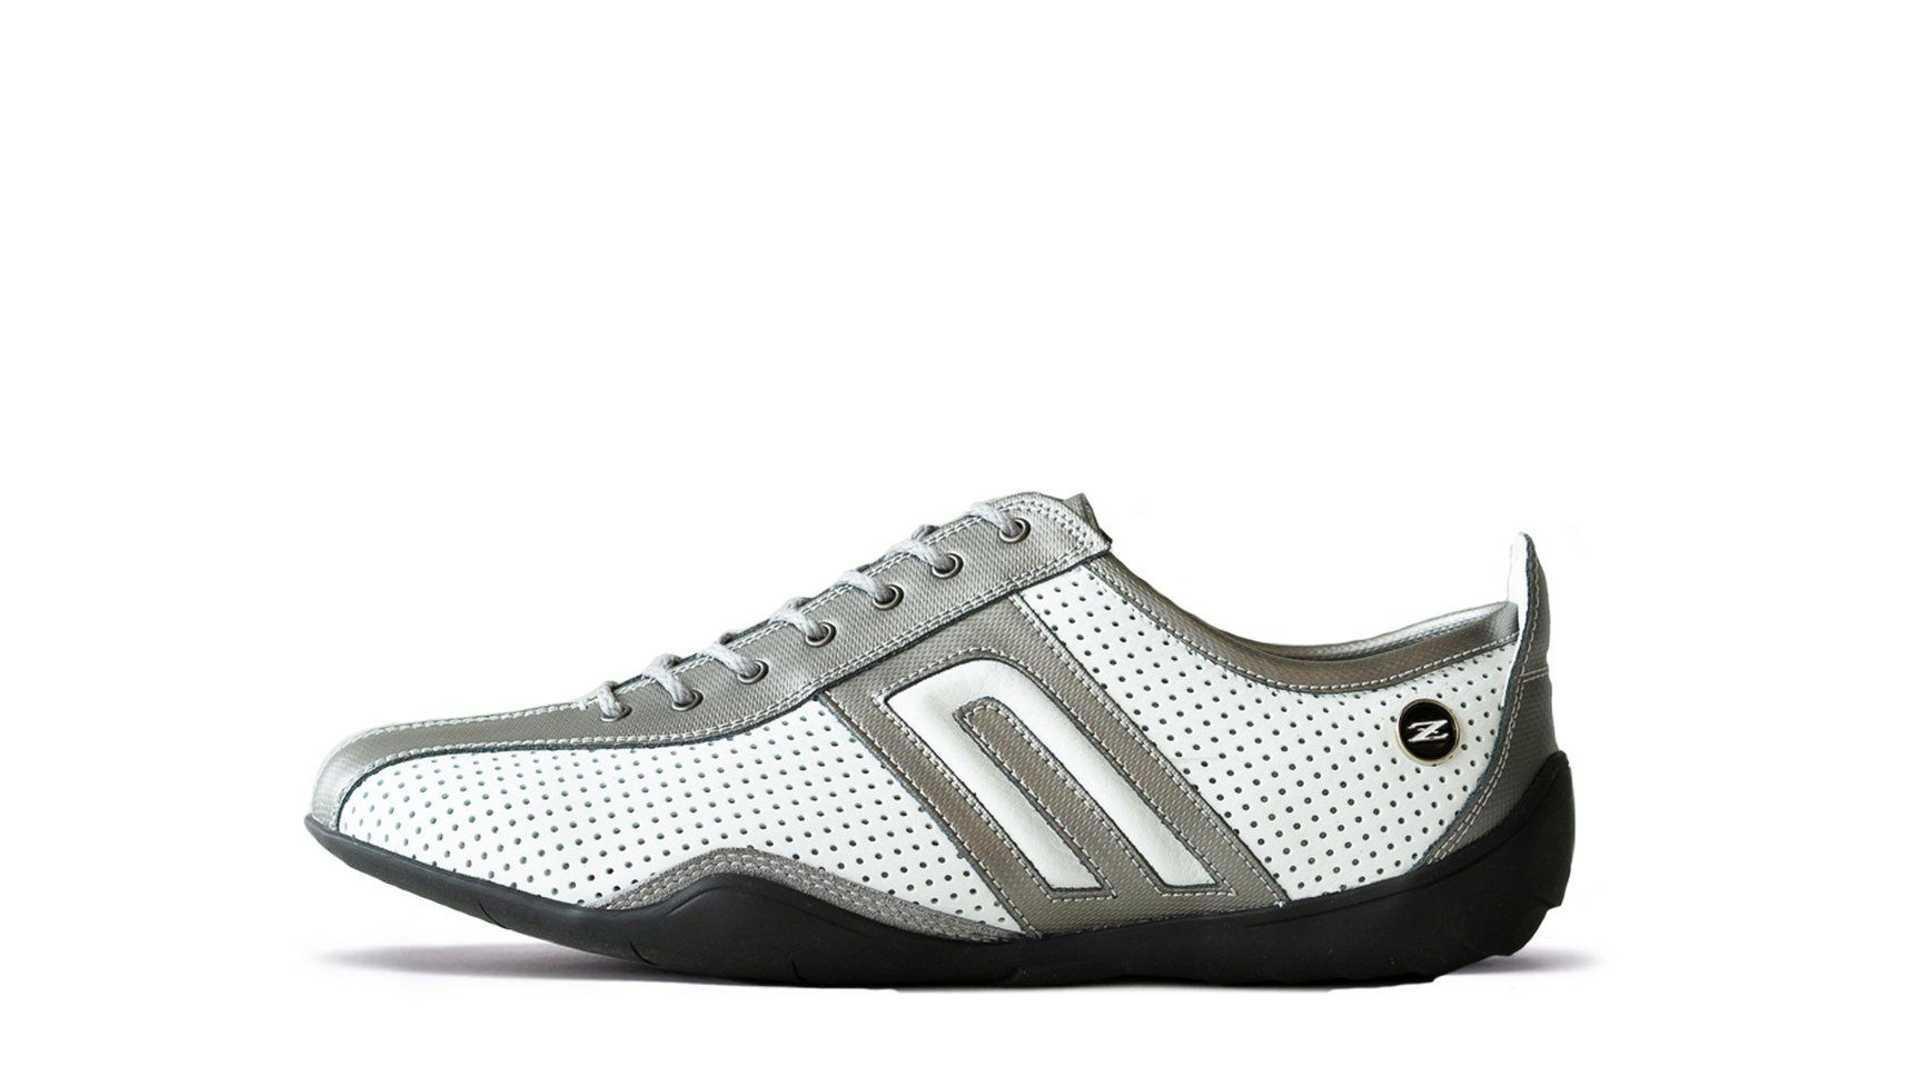 Negroni_Idea_Corsa-Nissan_Z_Shoes-0009